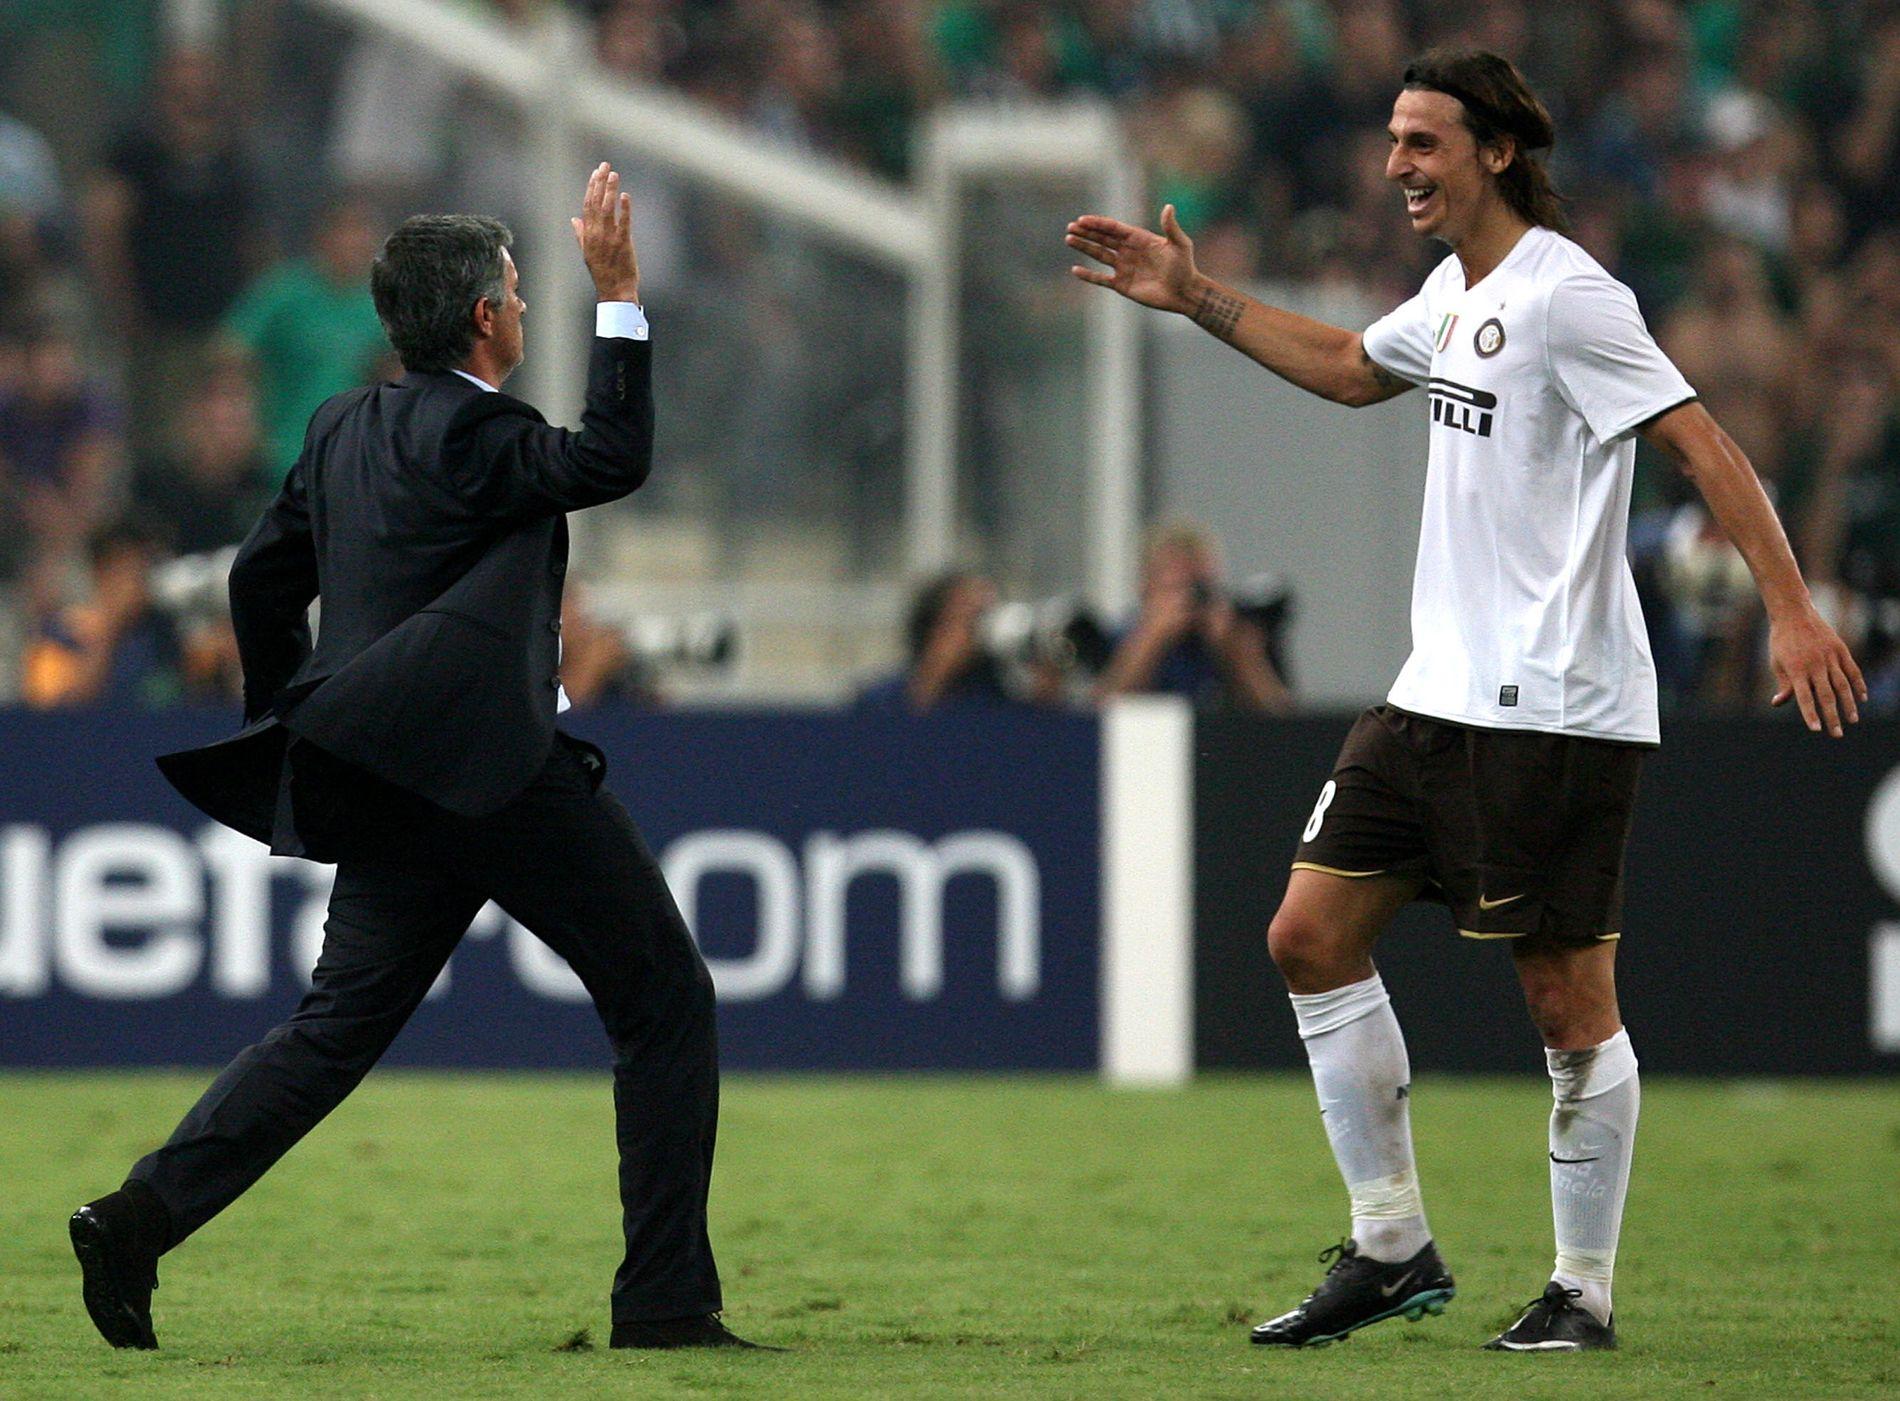 SELVTILLITSDUO: José Mourinho og Zlatan Ibrahimovic etter et Inter-mål mot Panathinaikos i Champions League. Nå er de sammen igjen. Foto: AP